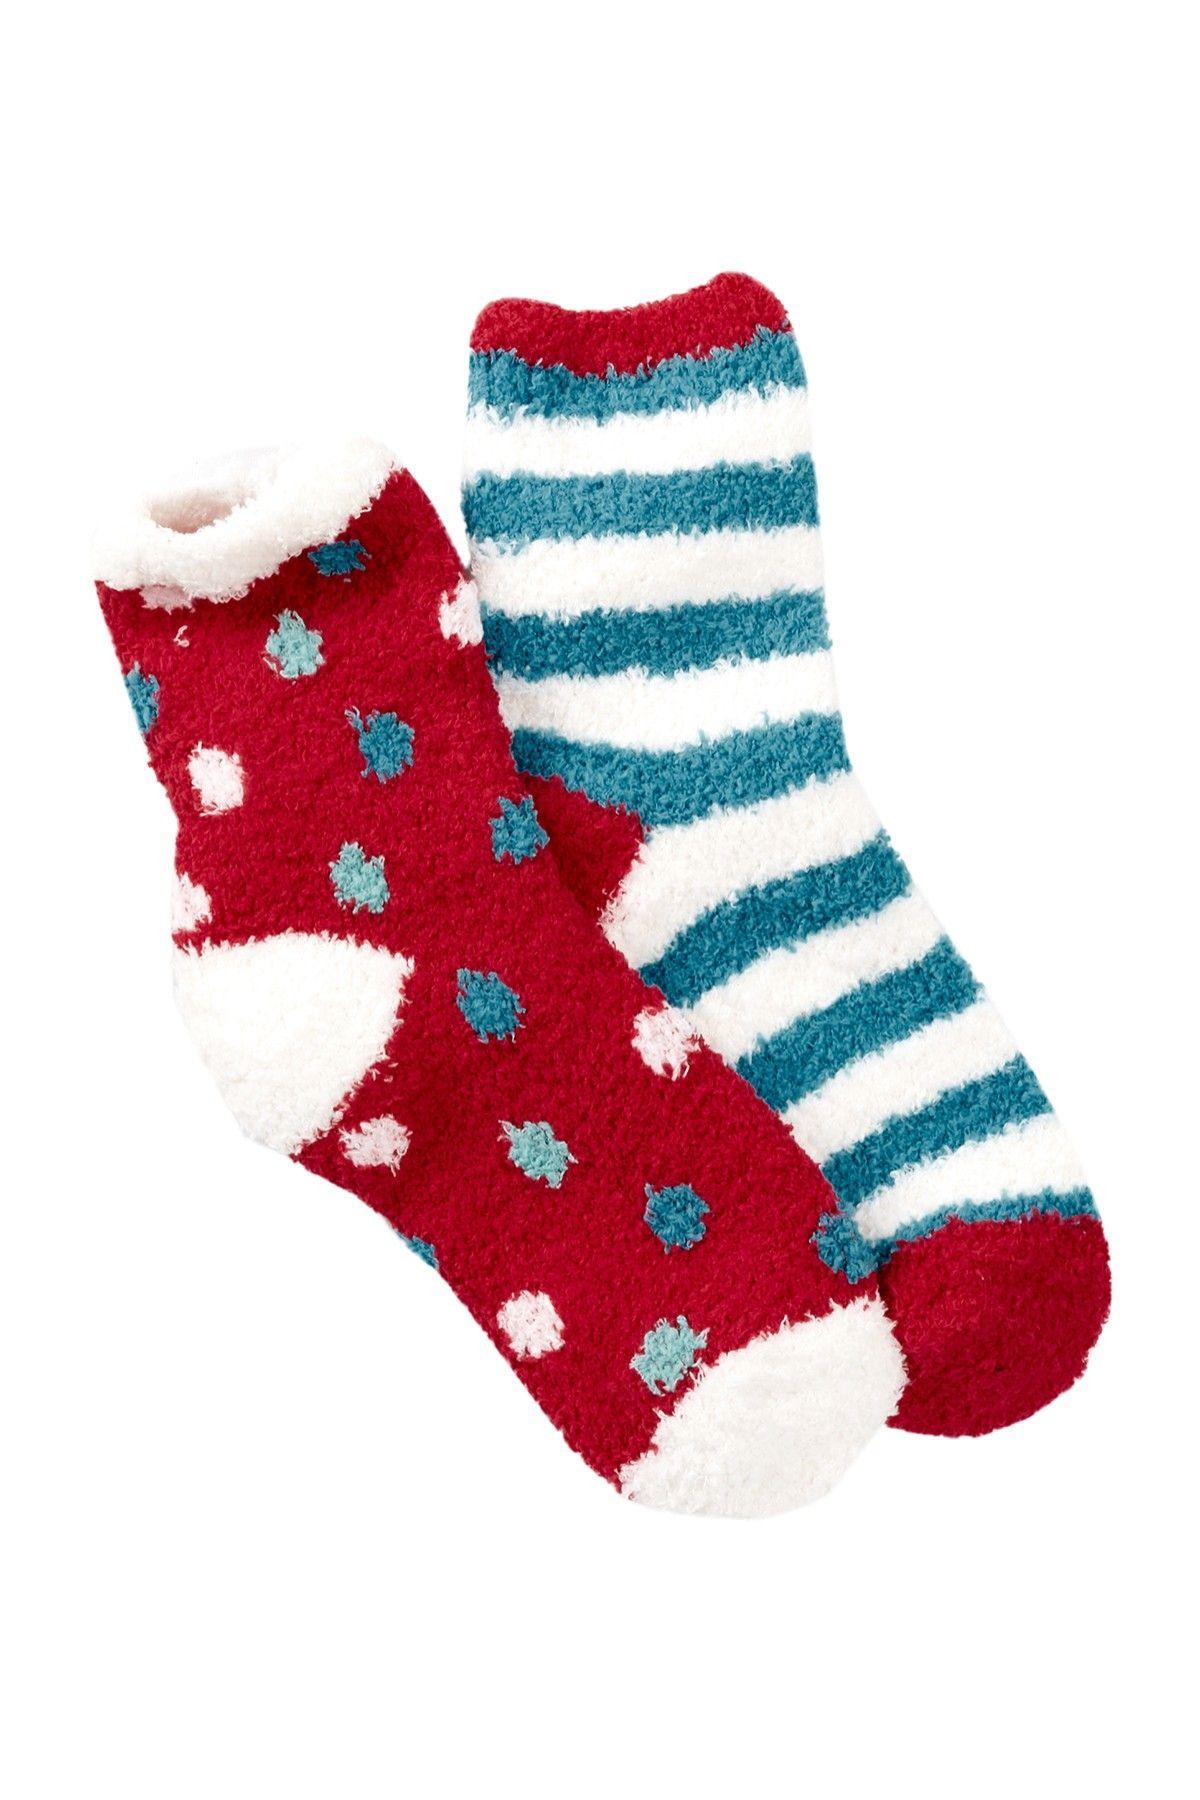 Patterned Fuzzy Socks - Pack of 2 | archives | Pinterest | Socks ...